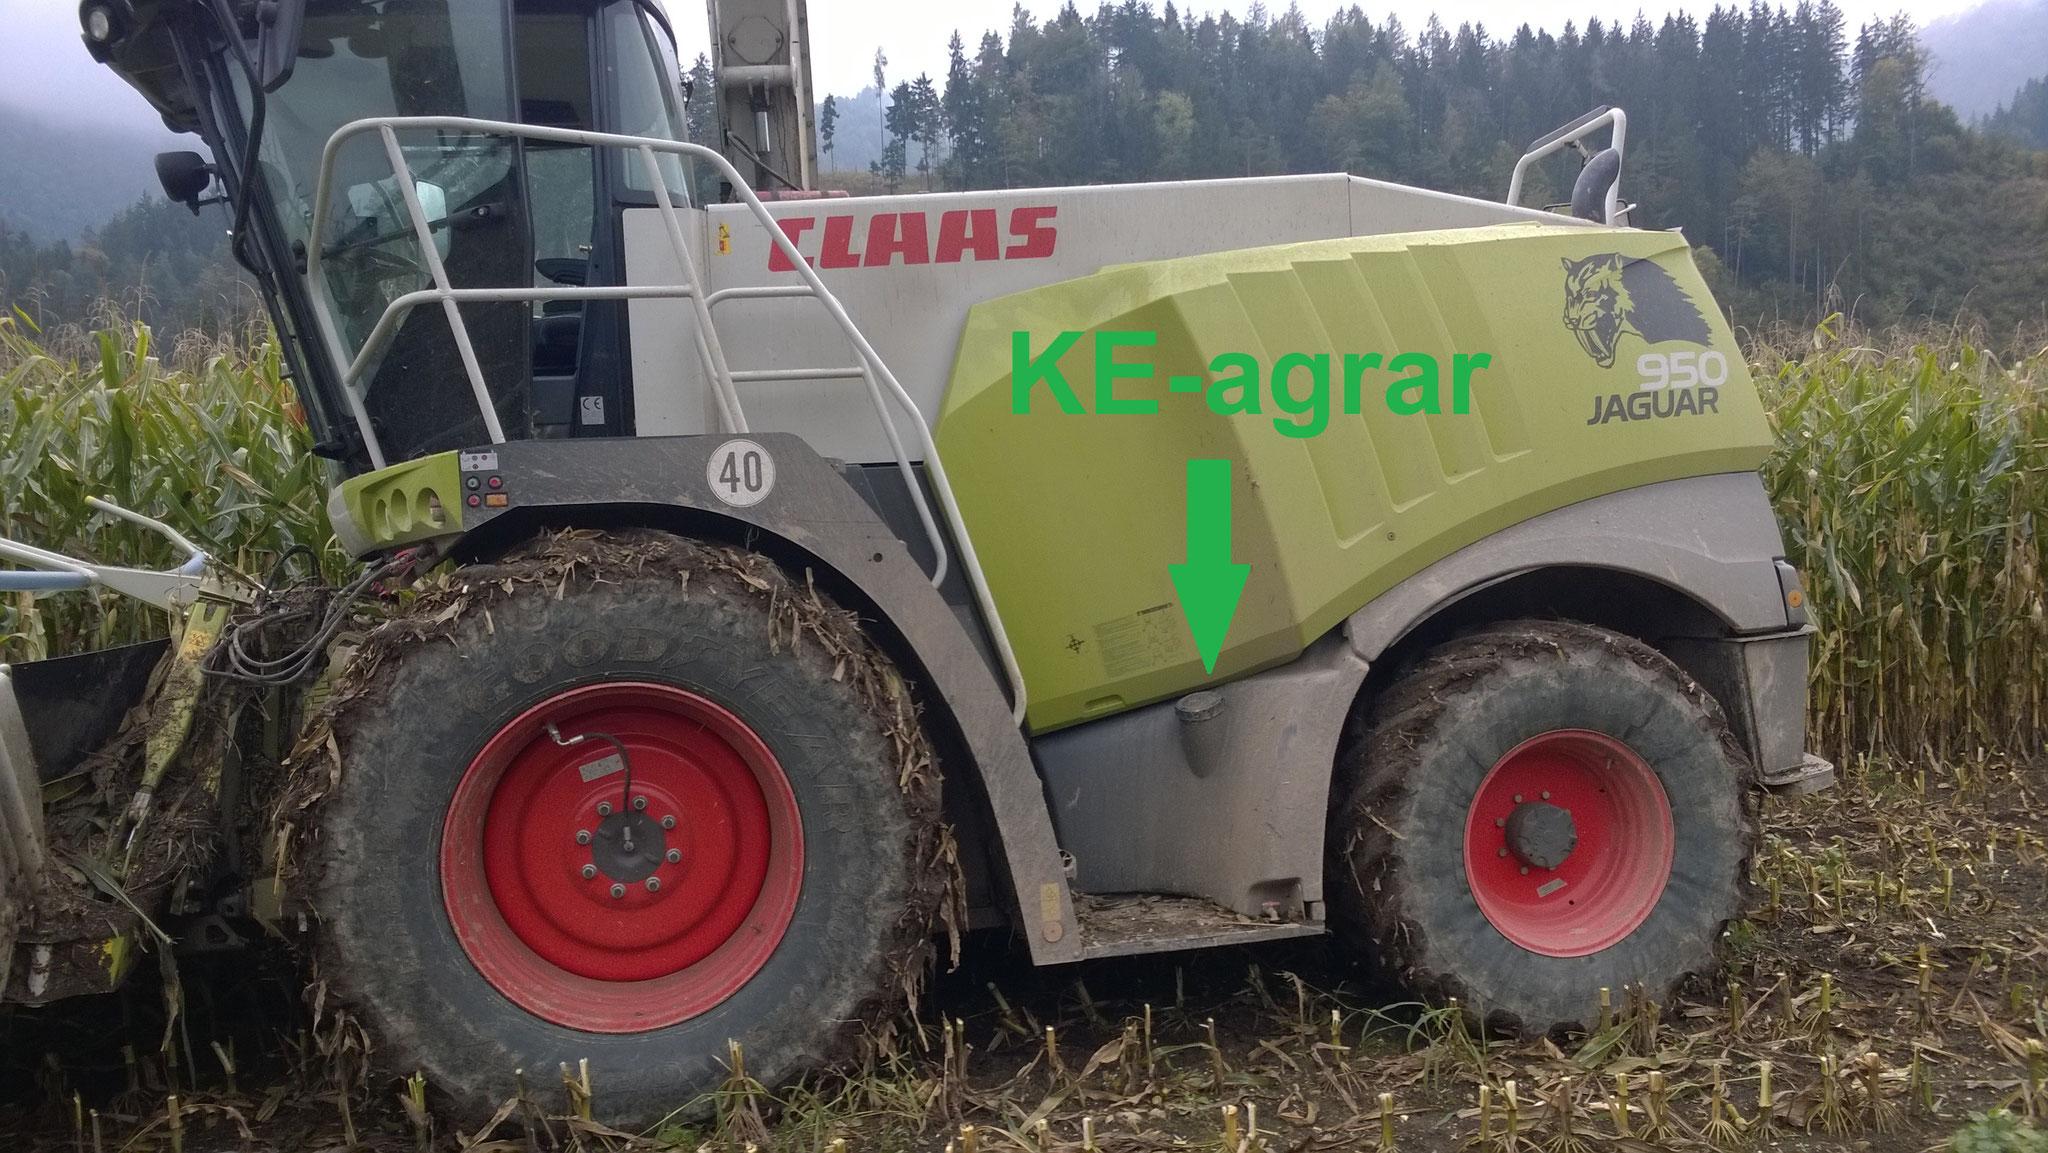 Die Dosierung über einen Feldhäcksler garaniert eine optimale Verteilung von KE-agrar.